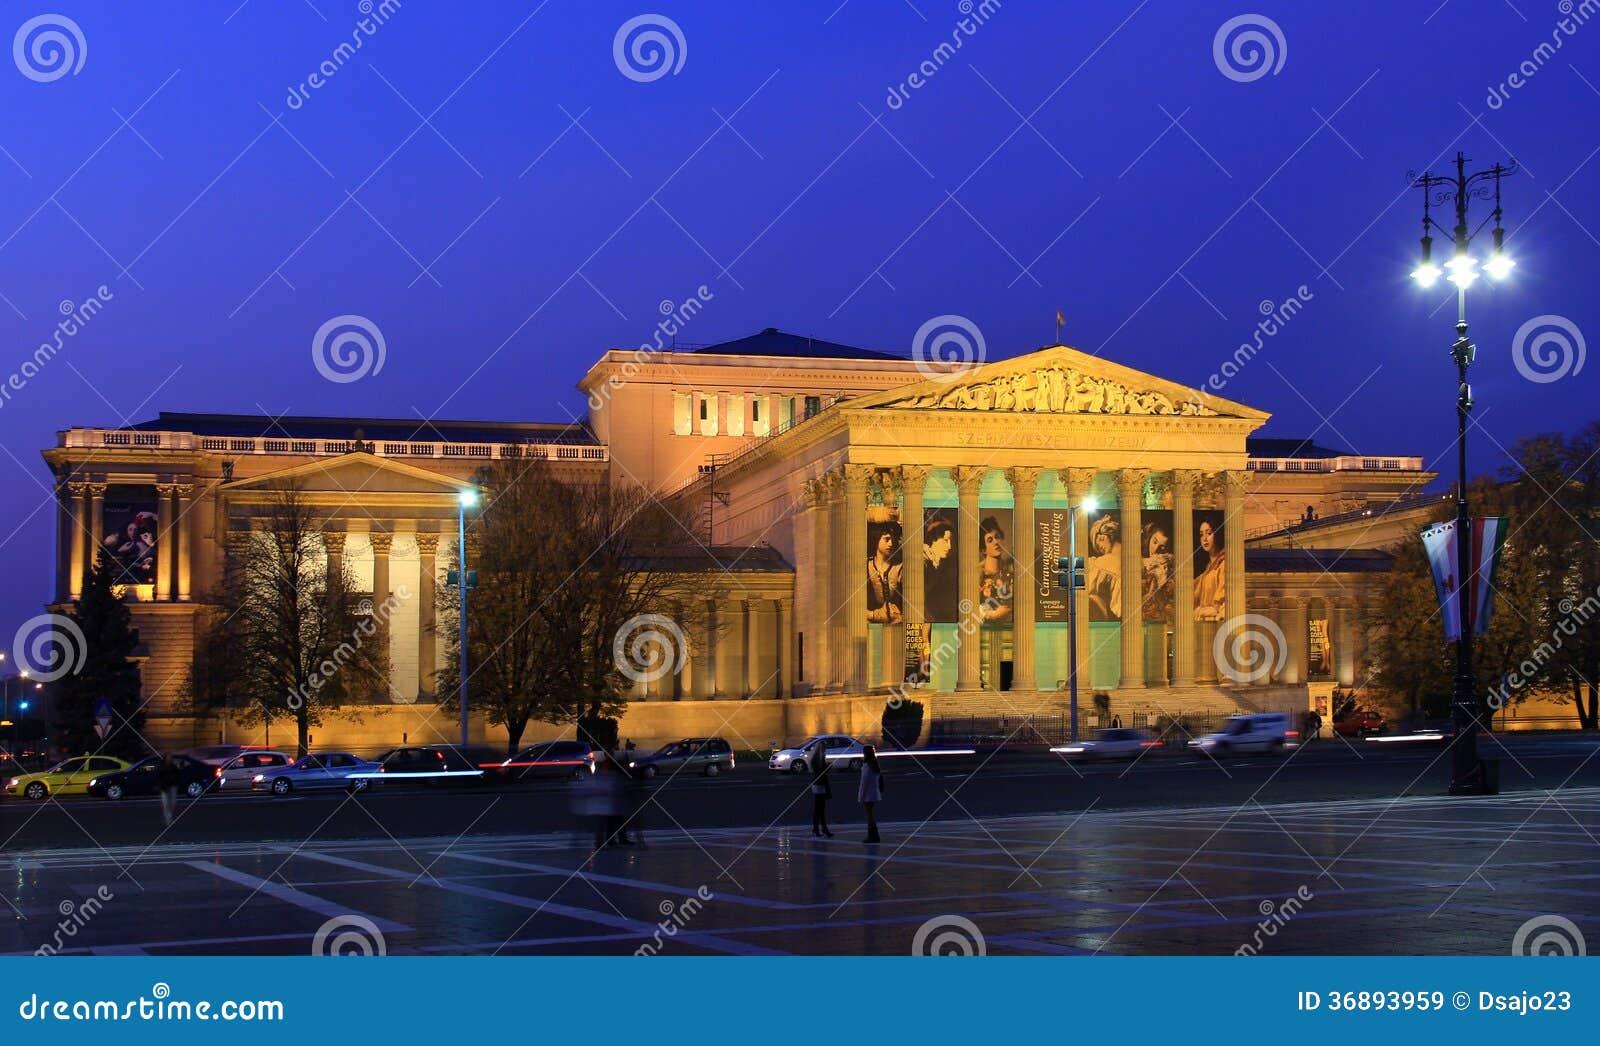 El museo de bellas arte en el cuadrado de los héroes, Budapest, Hungría, nov